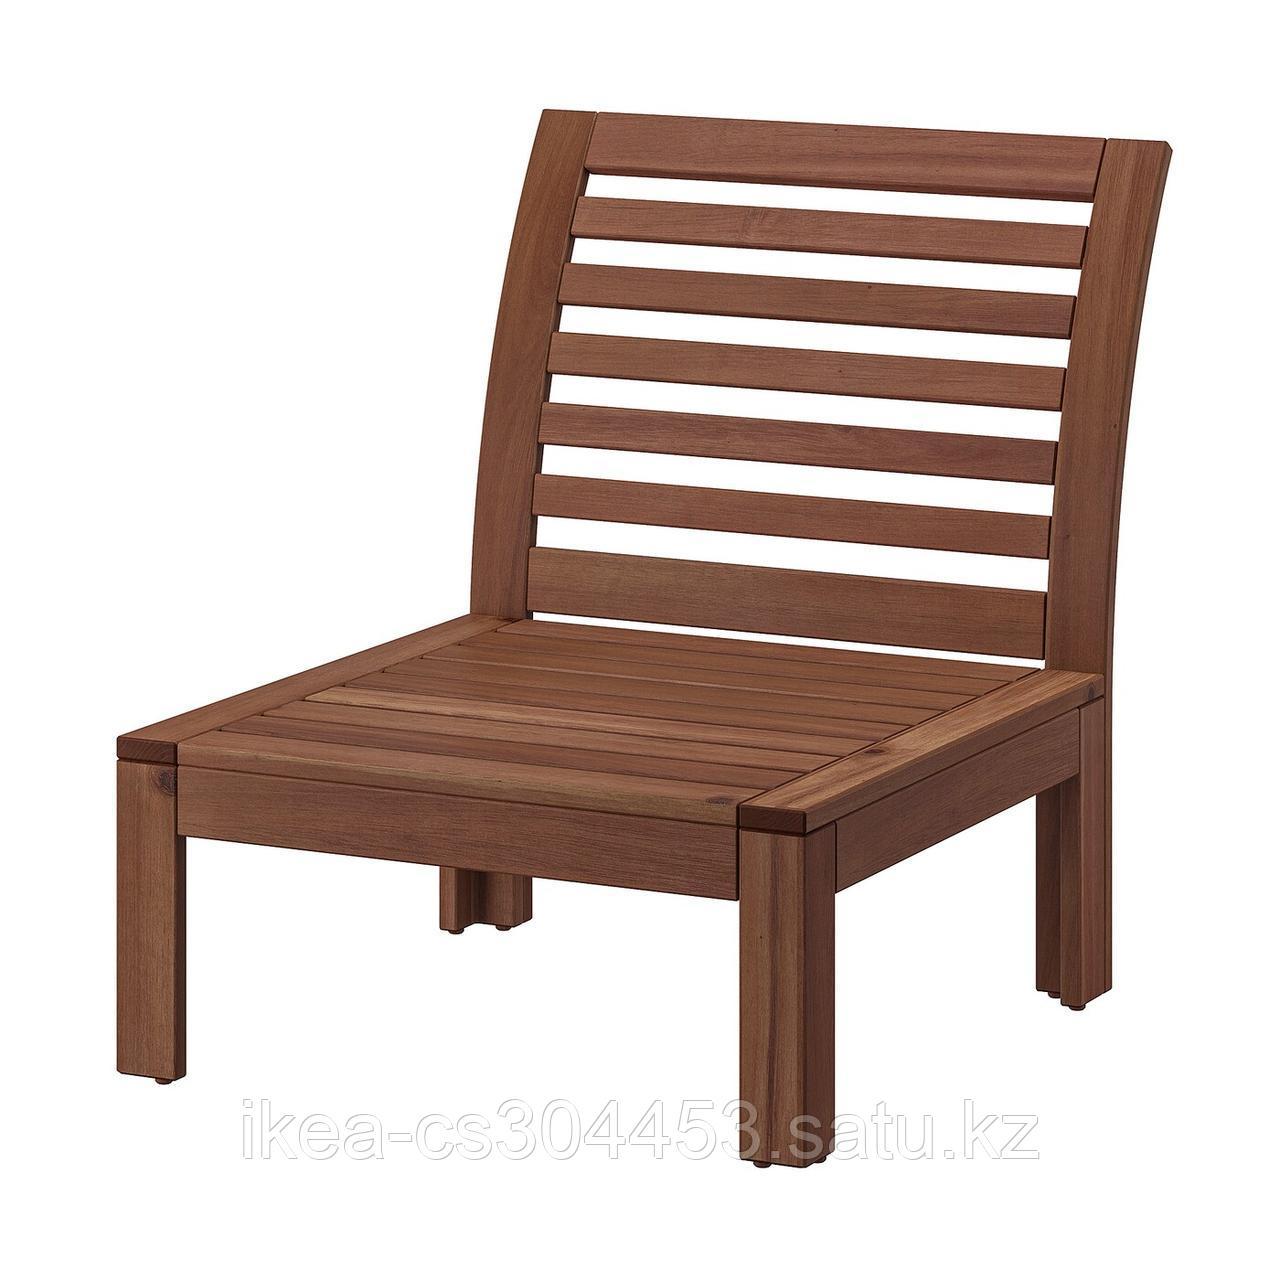 Секции мягкой мебели